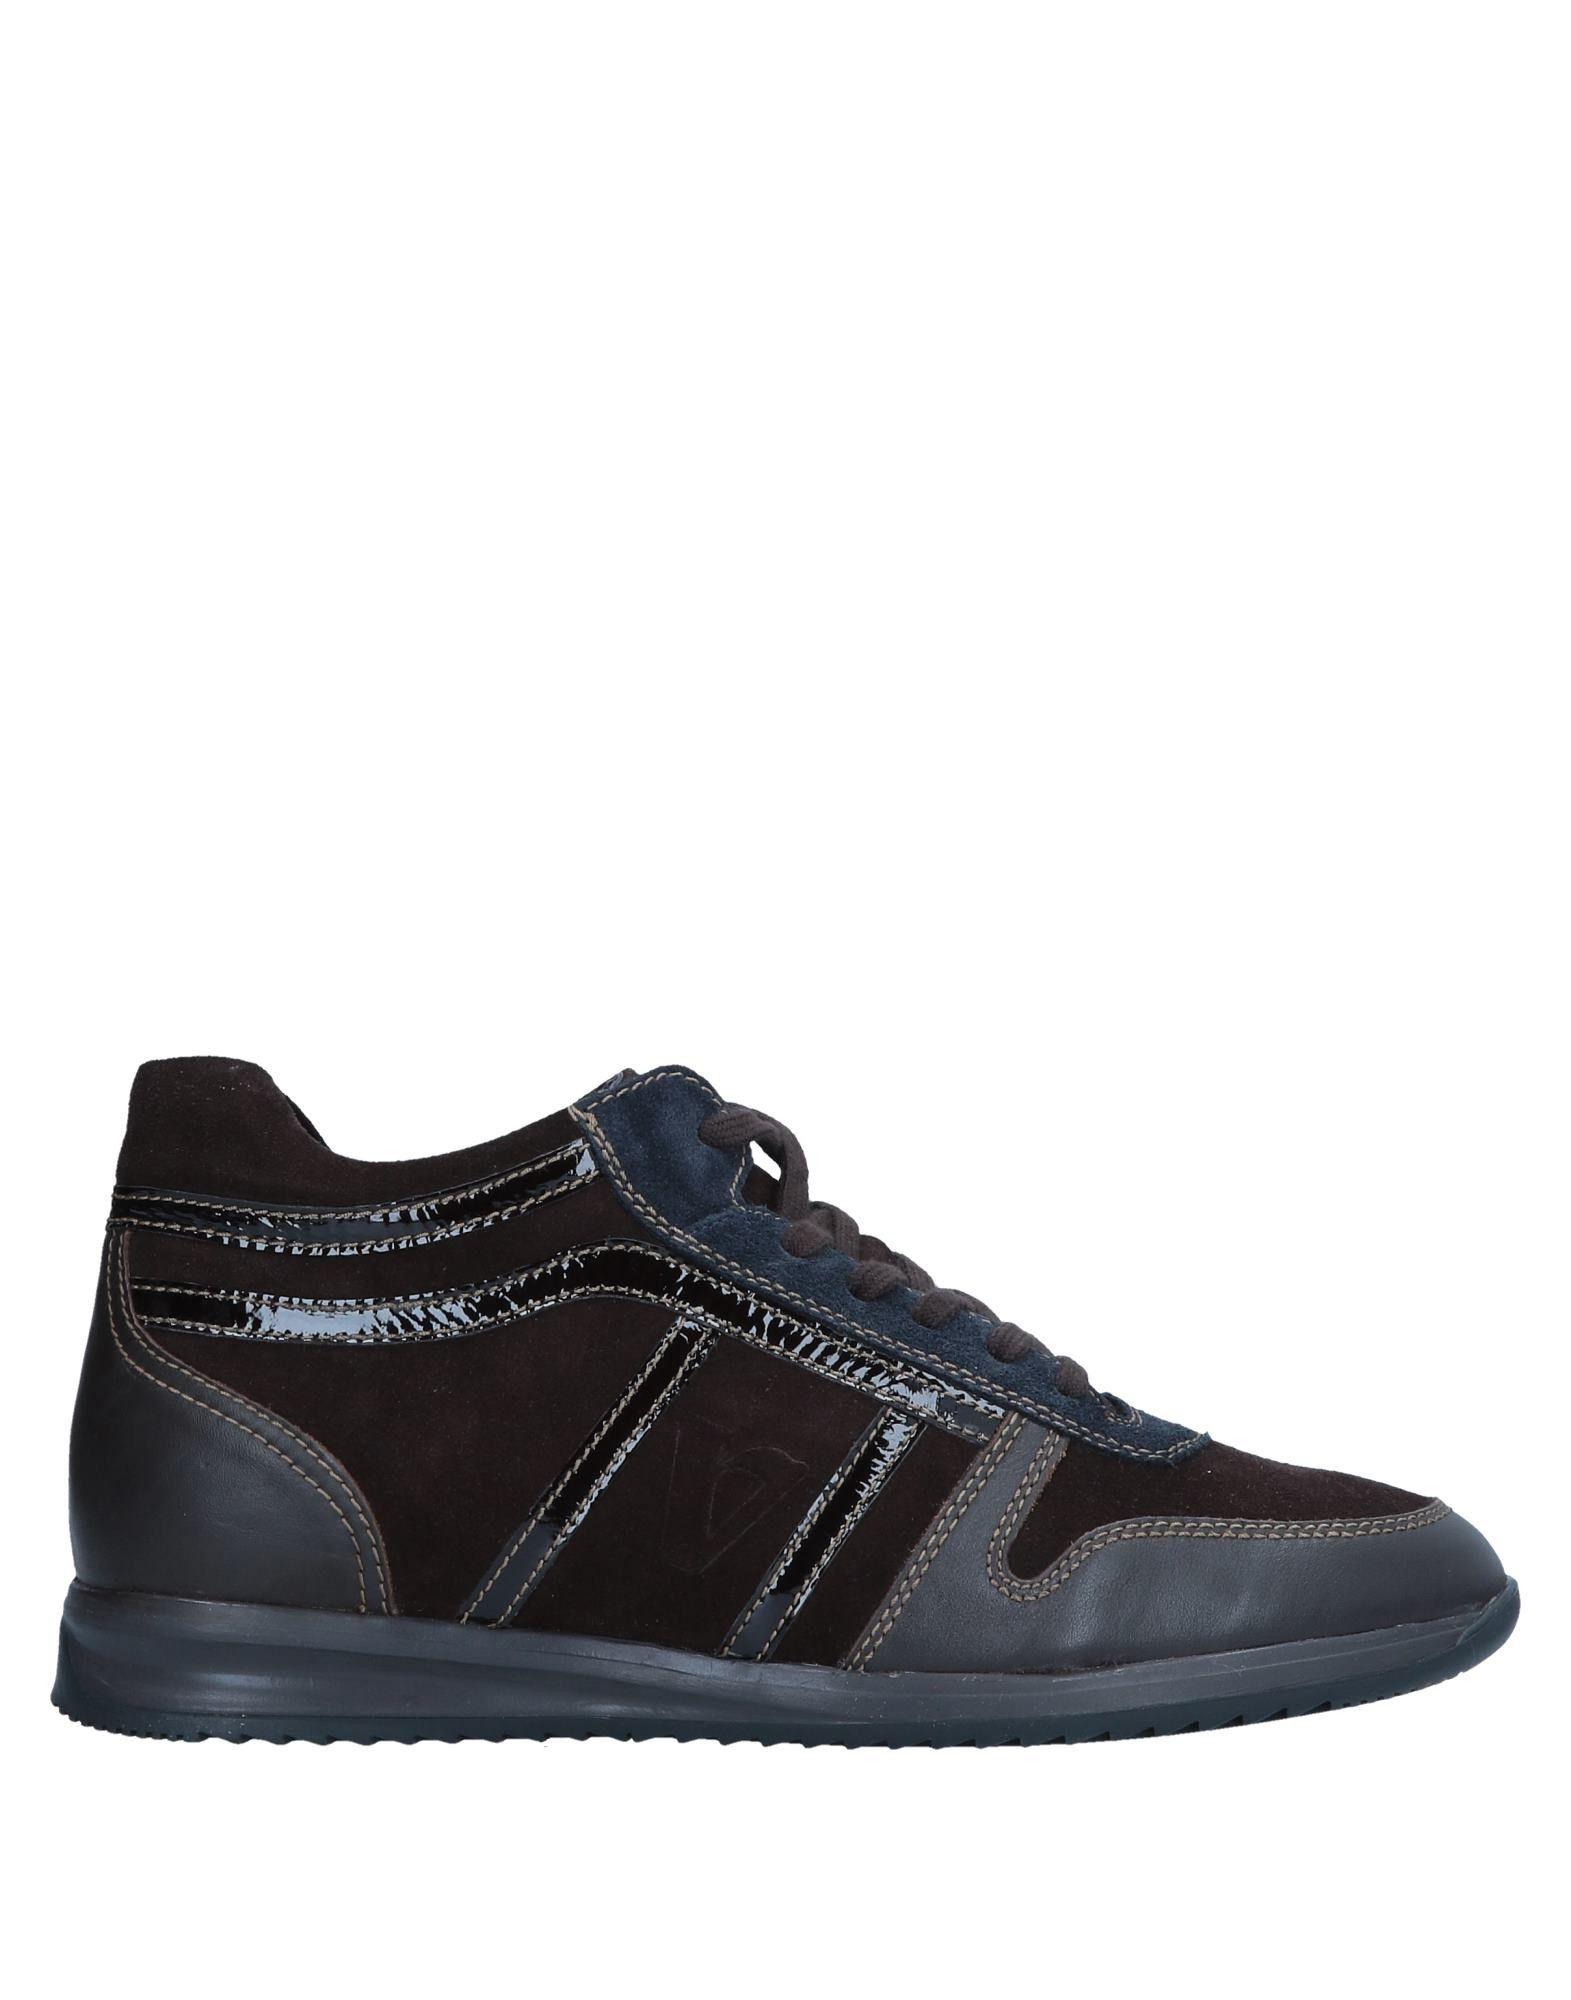 Sneakers Valleverde Uomo - 11555743FR Scarpe economiche e buone